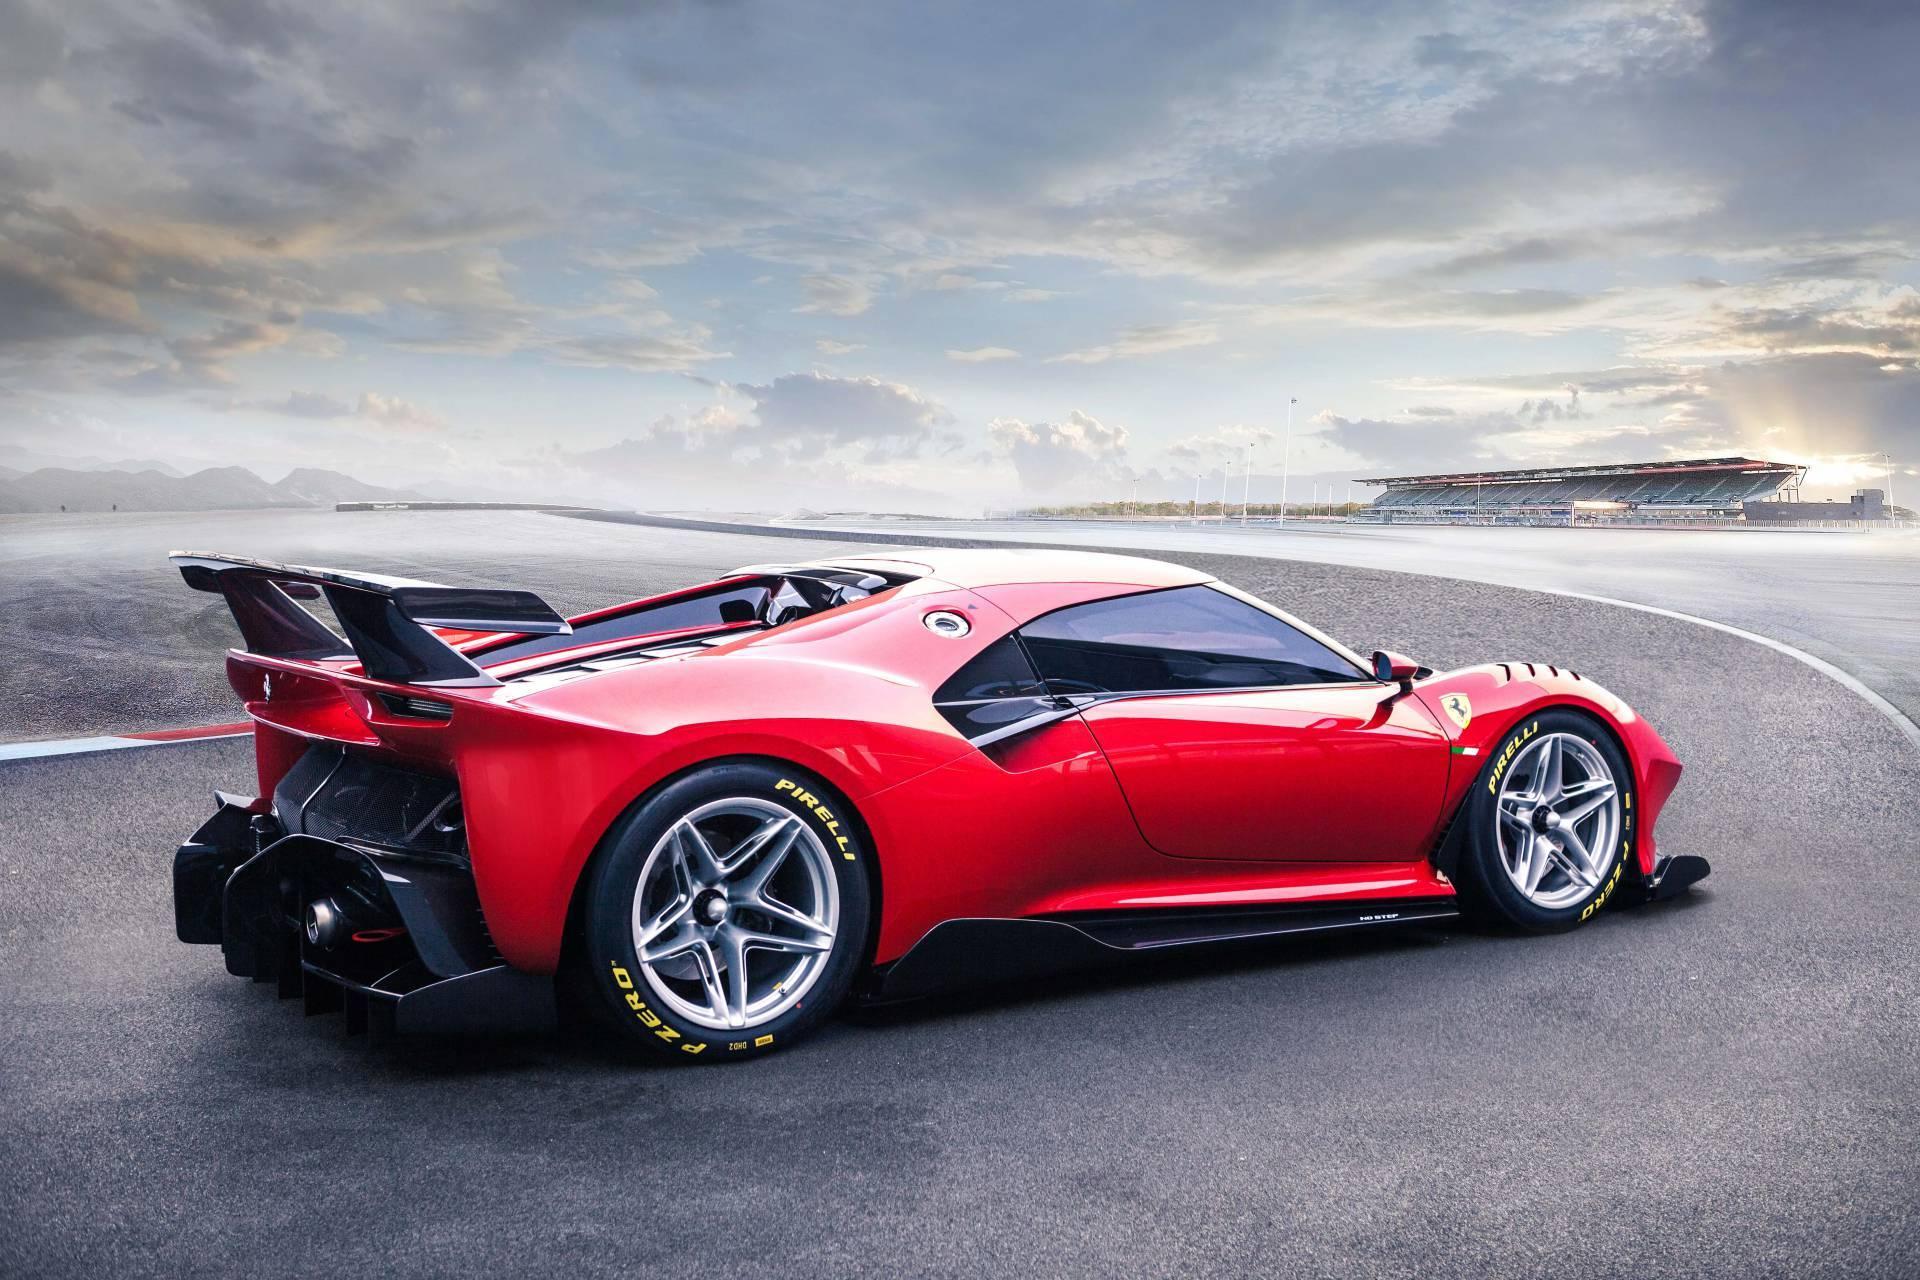 有钱任性 基于488 GT3法拉利研发 定制赛道超级